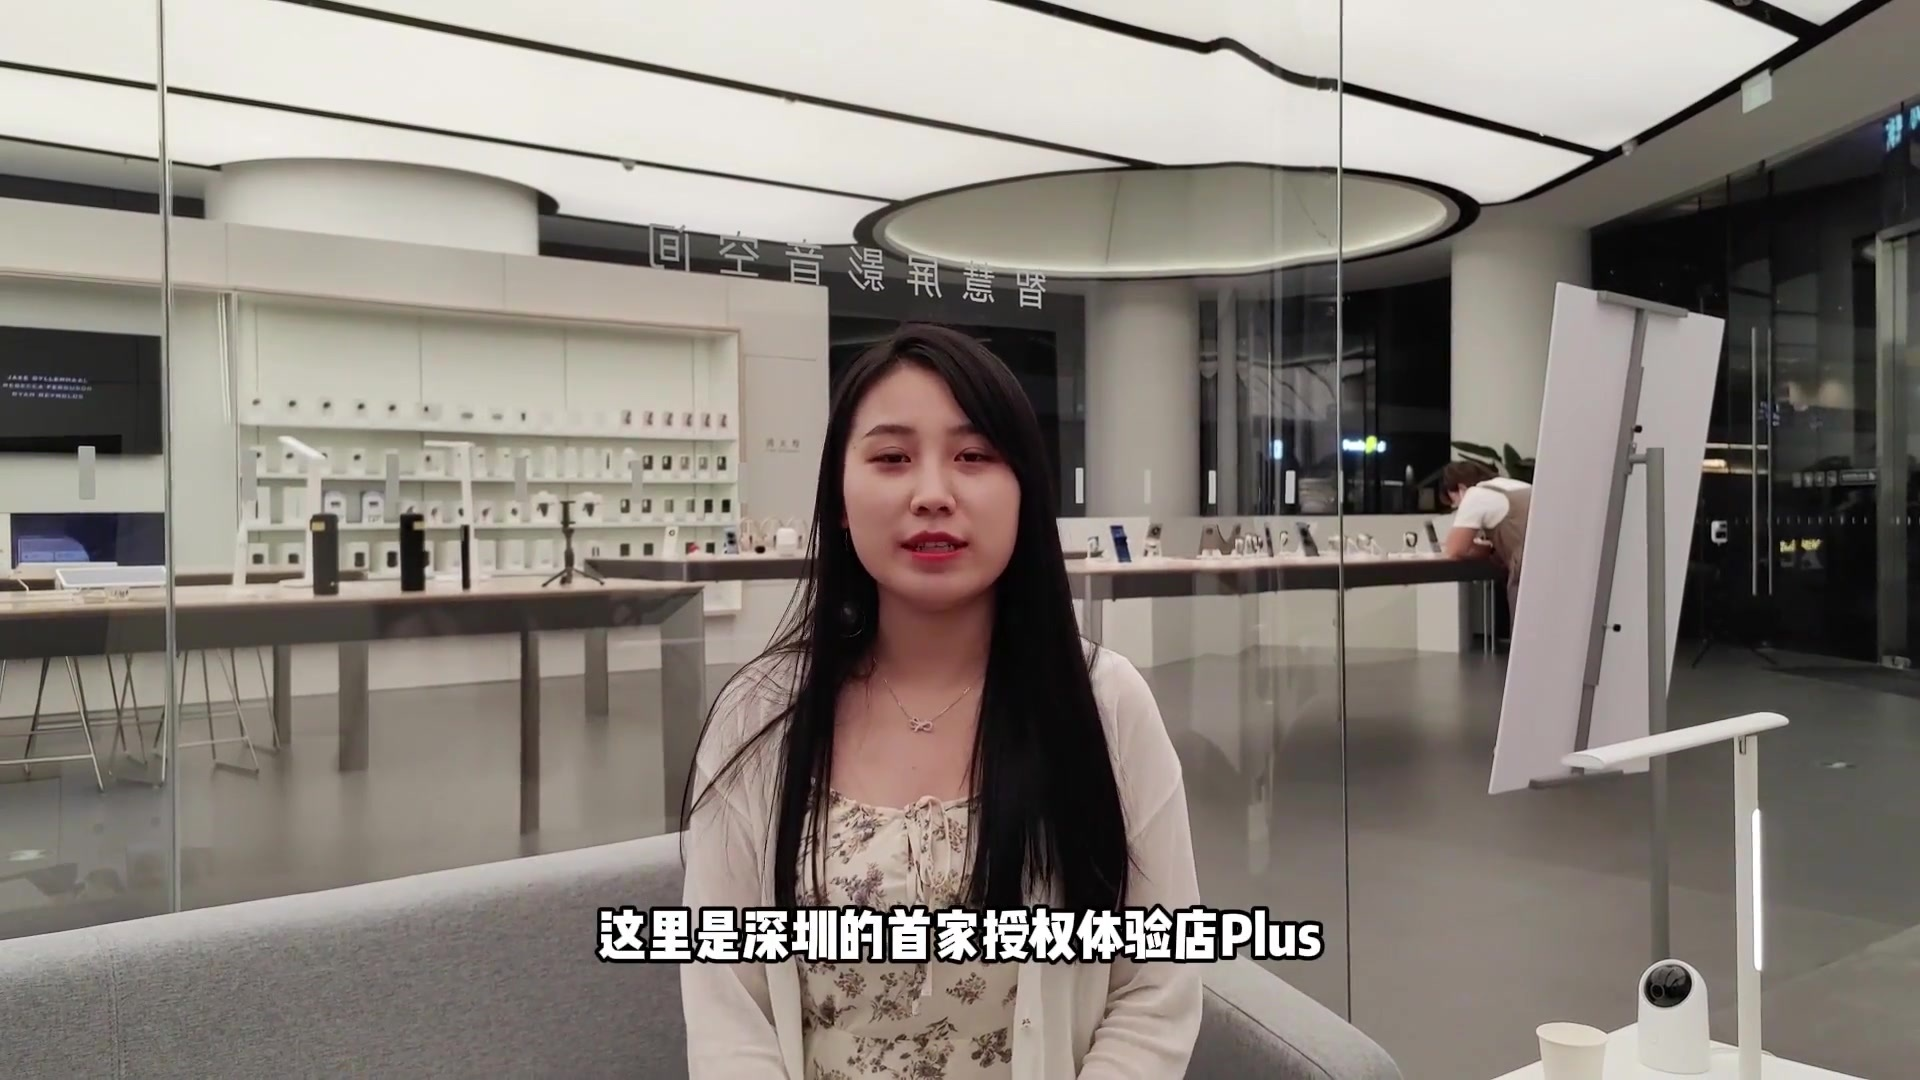 评测 | 深圳网红摩天轮下打卡nova9发布会&开箱体验,花粉说,真香,华为nova 9系列-花粉俱乐部